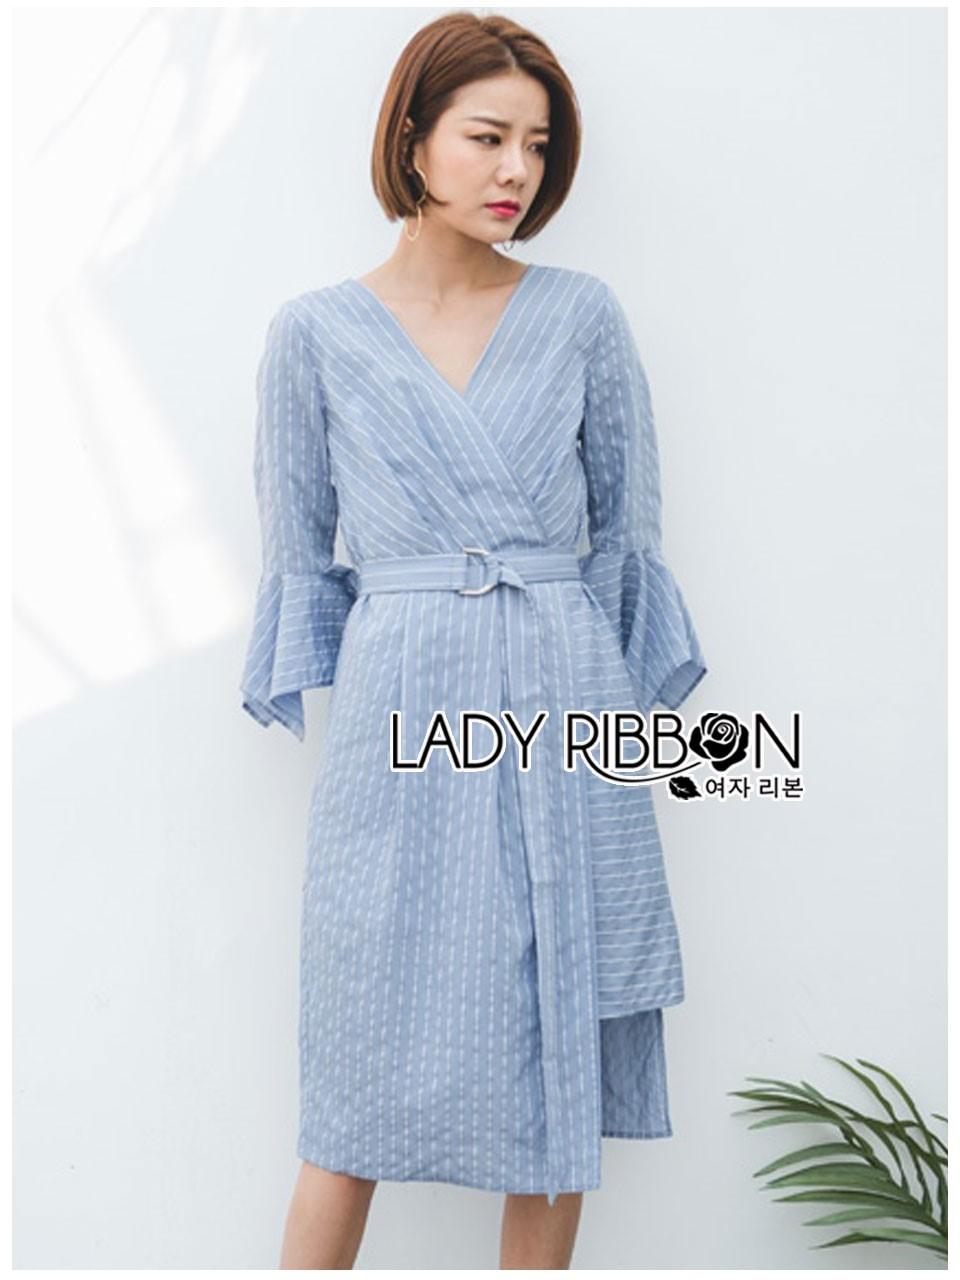 ชุดเดรสเกาหลีพร้อมส่ง เดรสผ้าคอตตอนสีฟ้าลายทางแขนระบาย